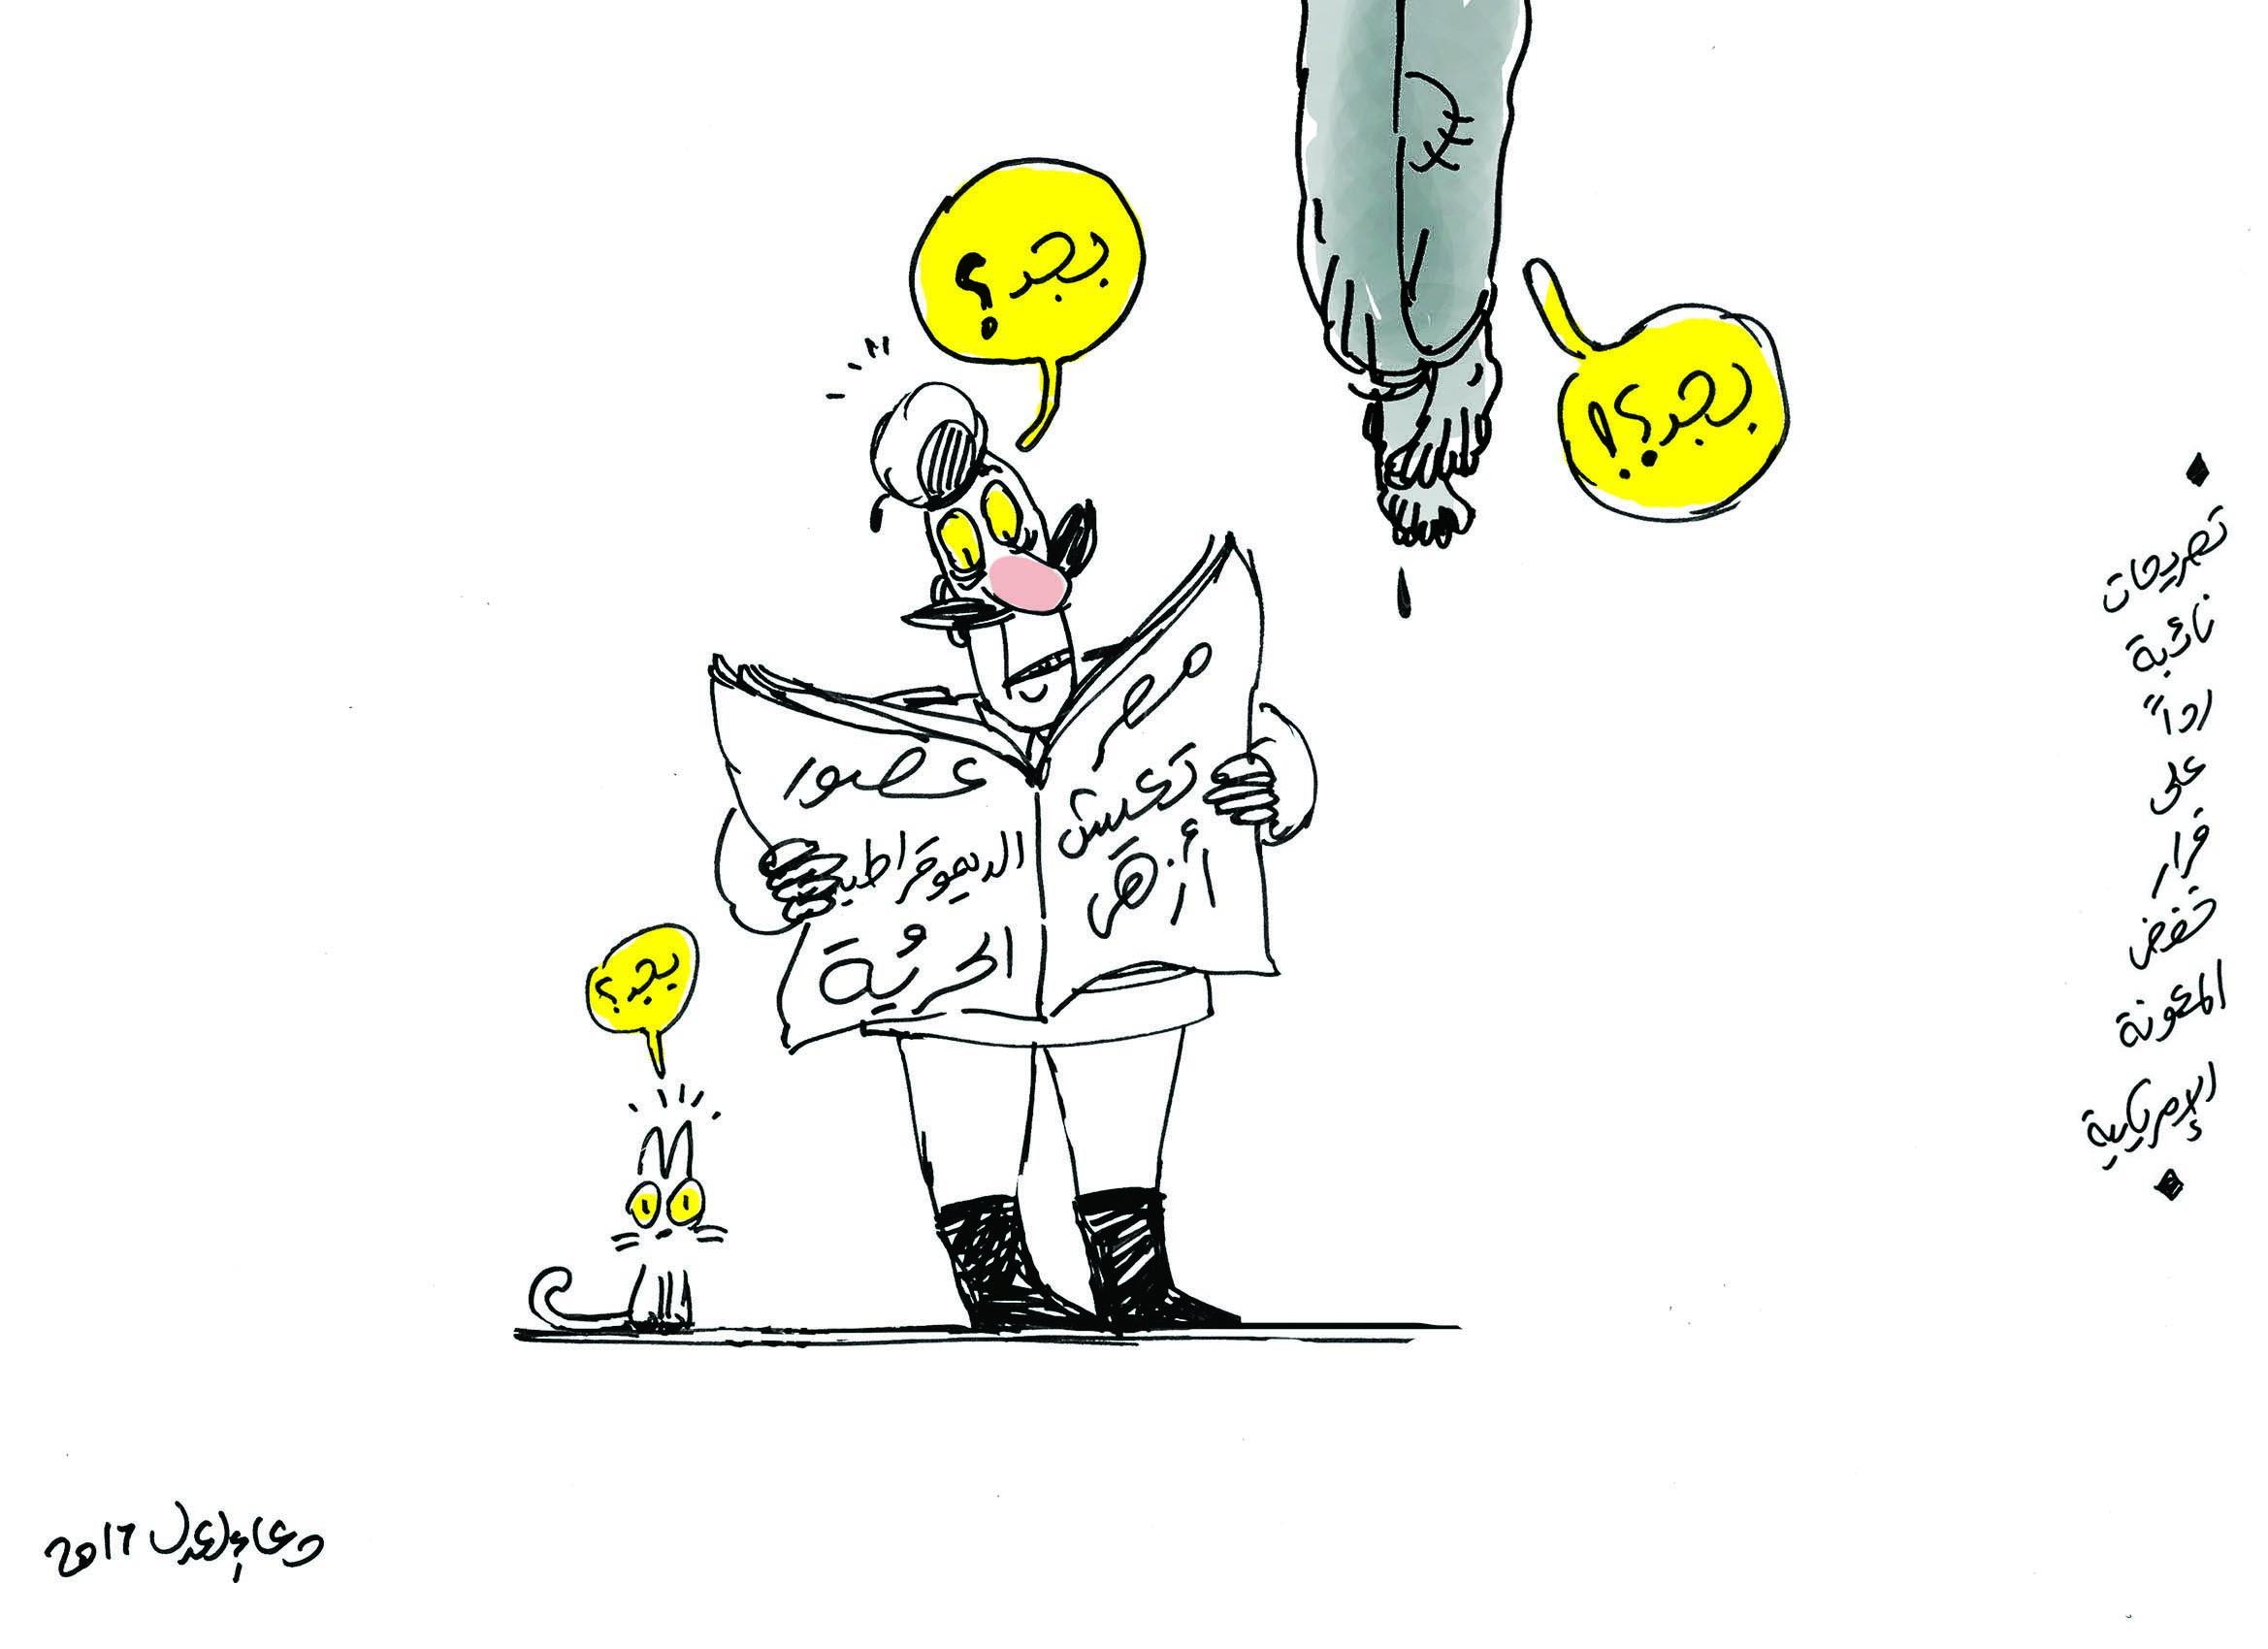 En karikaturtegning fra den egyptiske avis al-Masry al-Youm, som er en af få medier, hvor der fortsat er lidt plads til kritik. På forsiden af avisen står der: »Egypten oplever den lyseste tid for demokrati og frihed«. Katten, betjenten og torturofret, der hænger og dingler fra loftet, udbryder alle: »Virkelig?«. Tegning: Doaa el-Adl